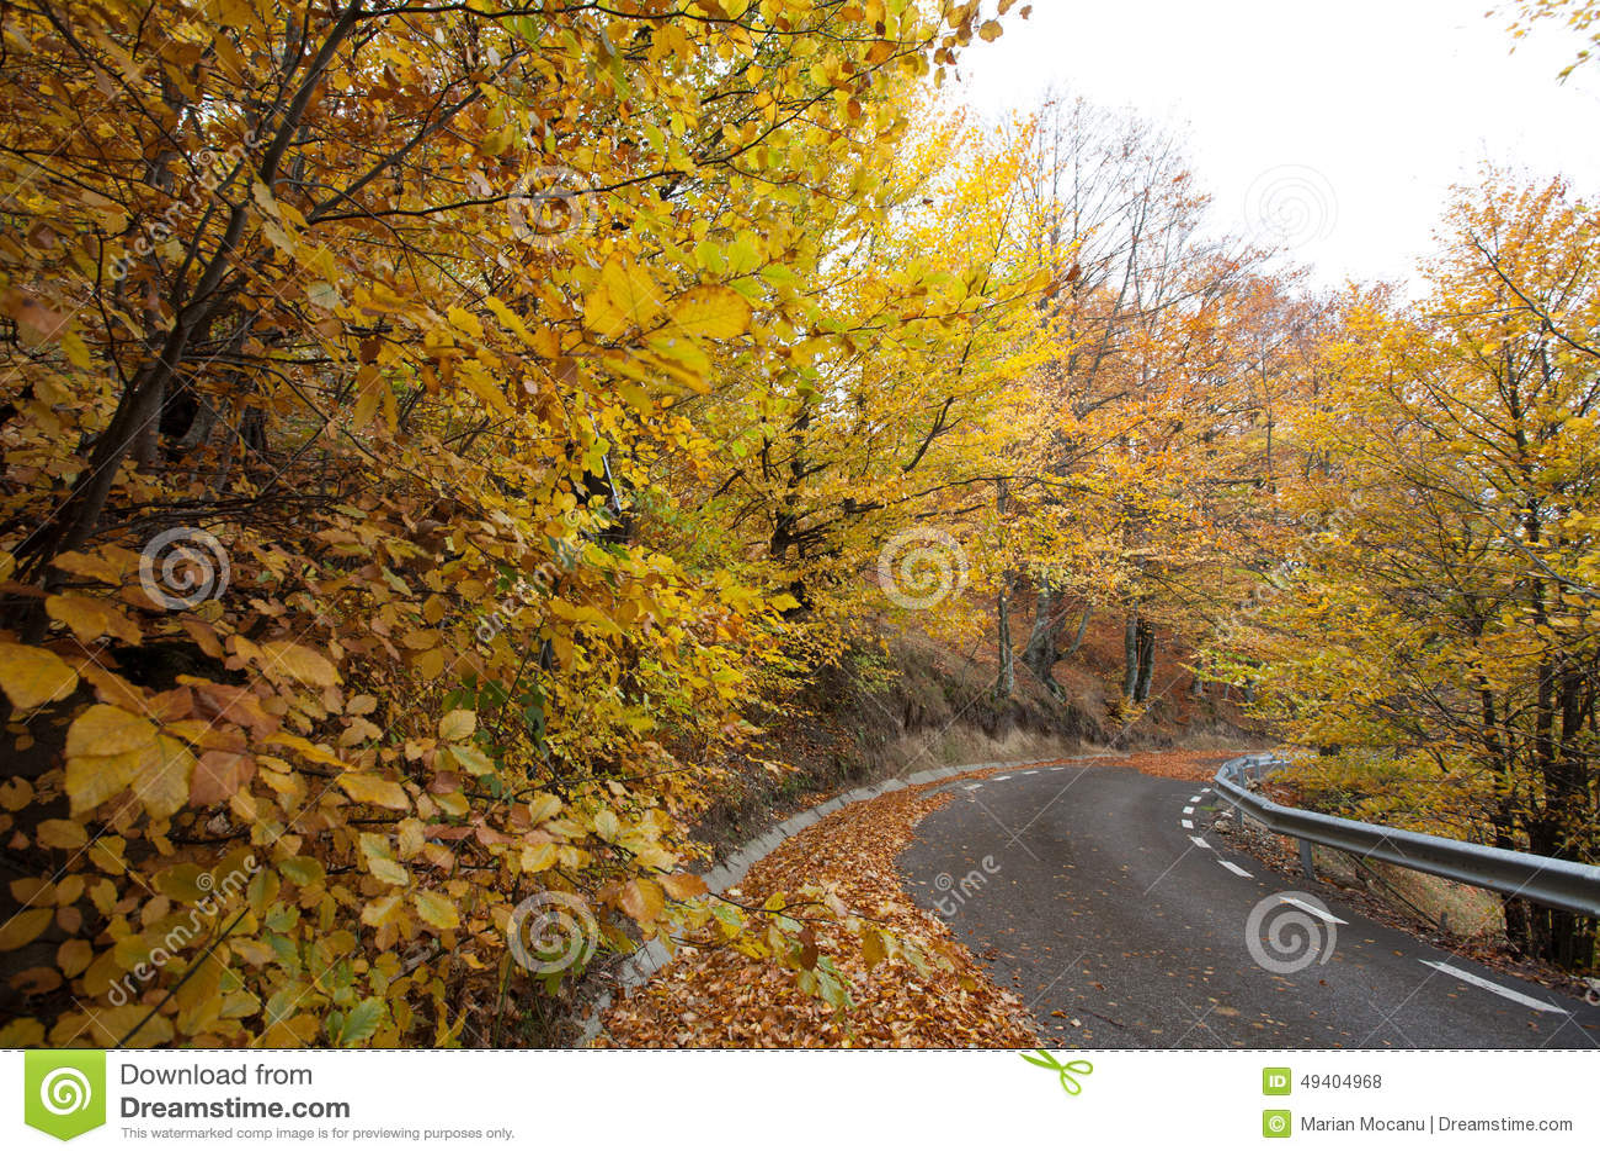 Download Kurvenreiche Straße stockfoto. Bild von zeilen, kurven - 49404968